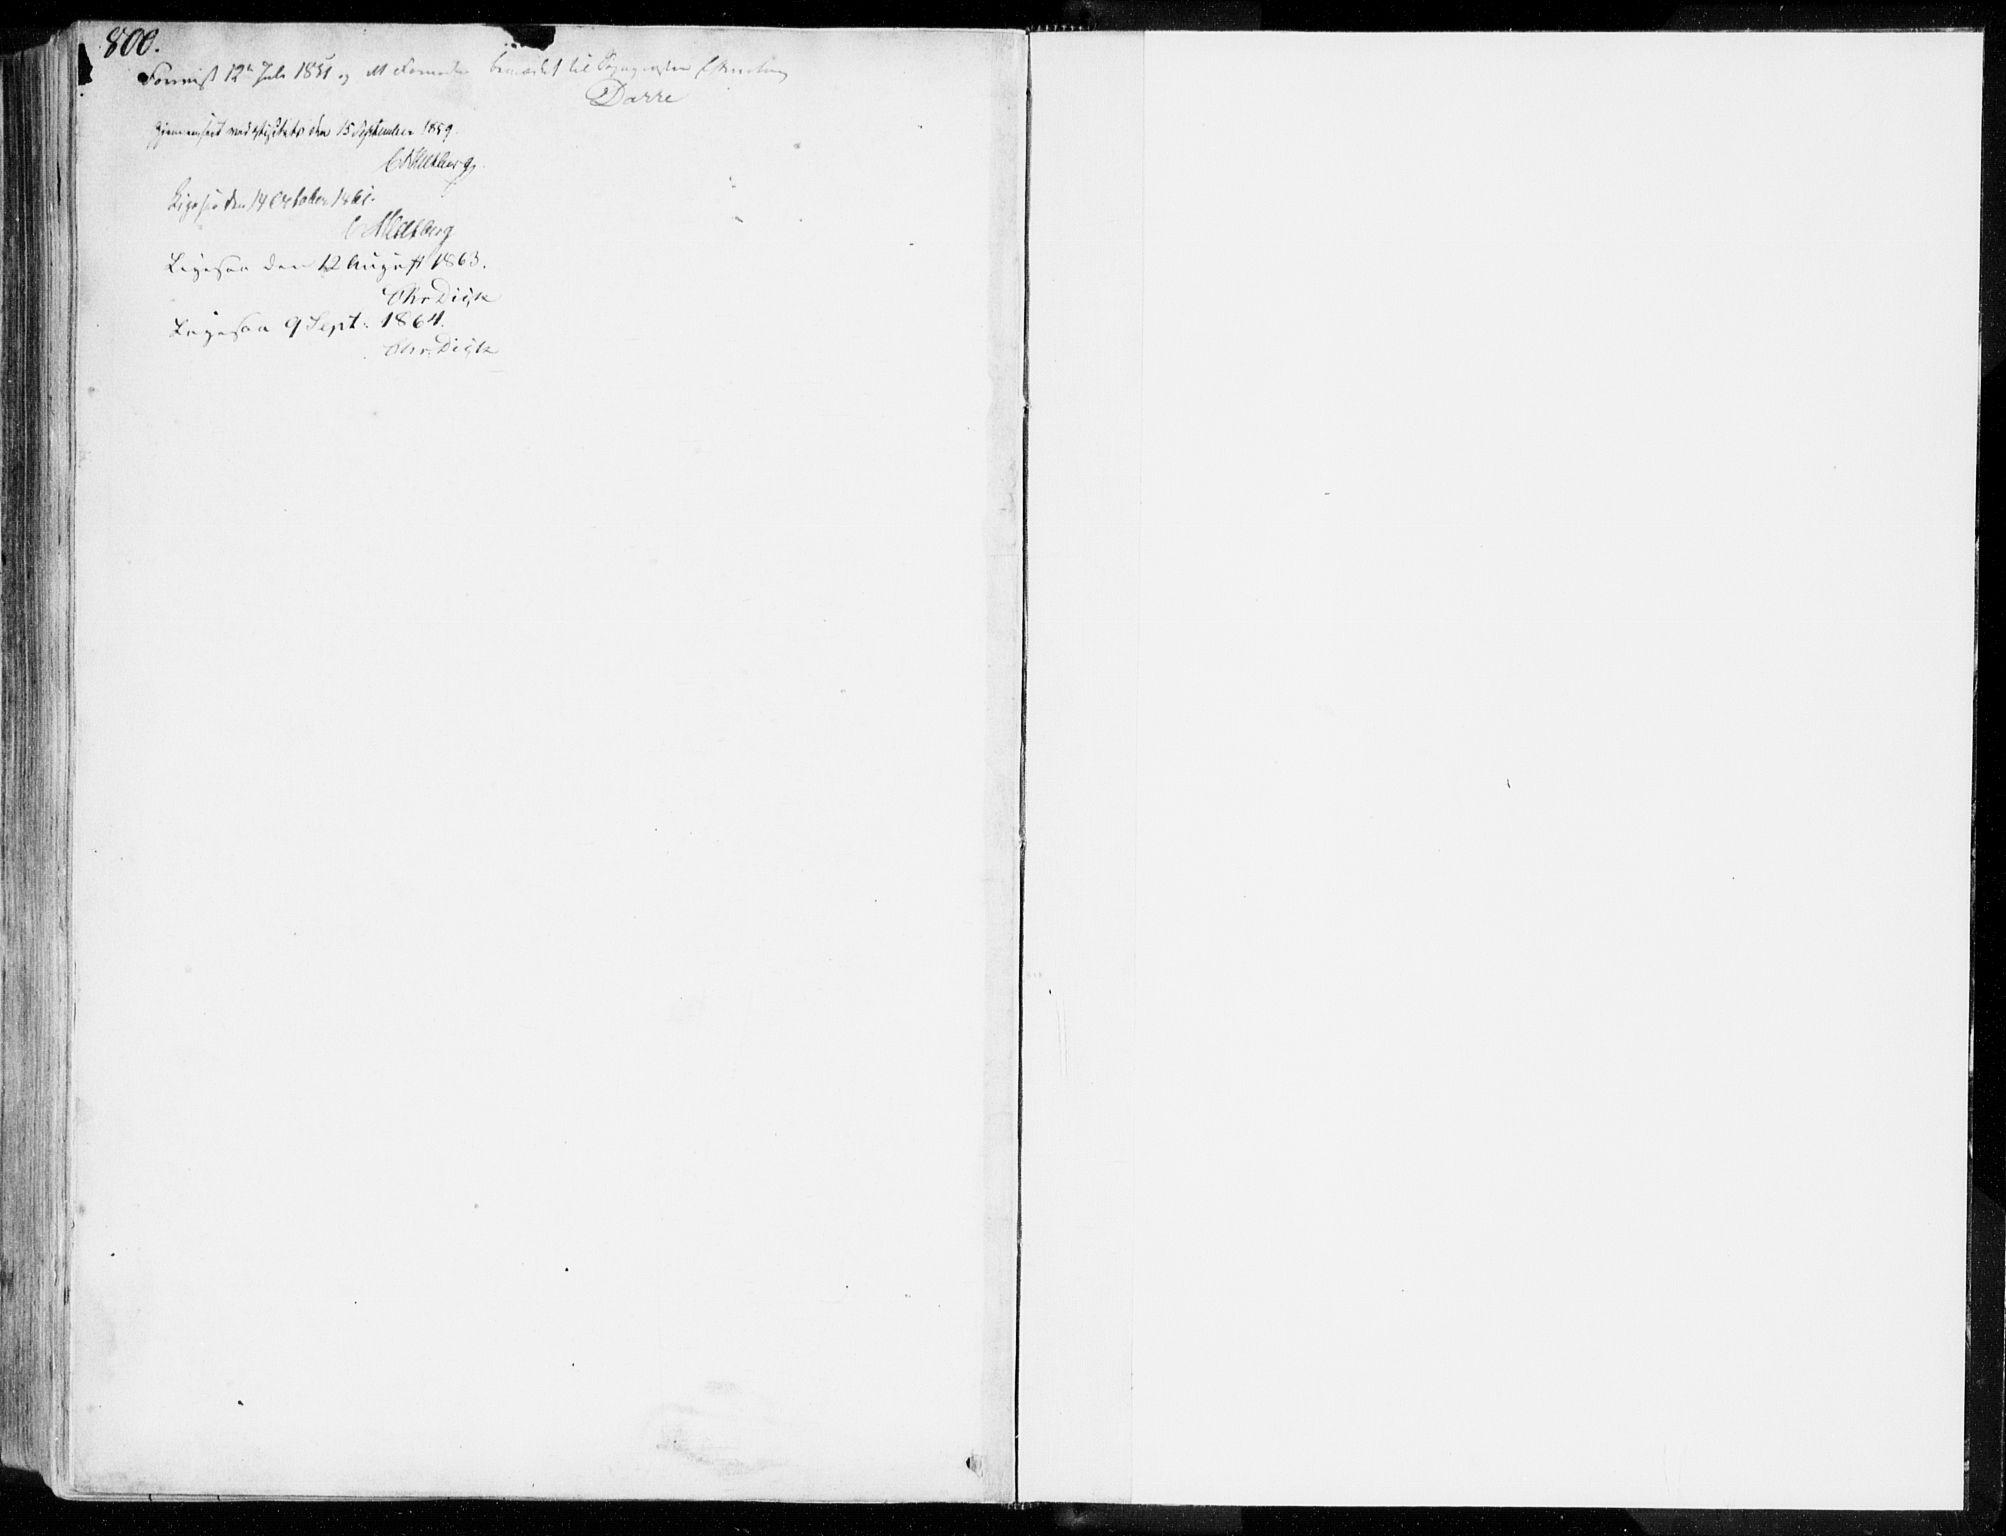 SAT, Ministerialprotokoller, klokkerbøker og fødselsregistre - Møre og Romsdal, 557/L0680: Ministerialbok nr. 557A02, 1843-1869, s. 800